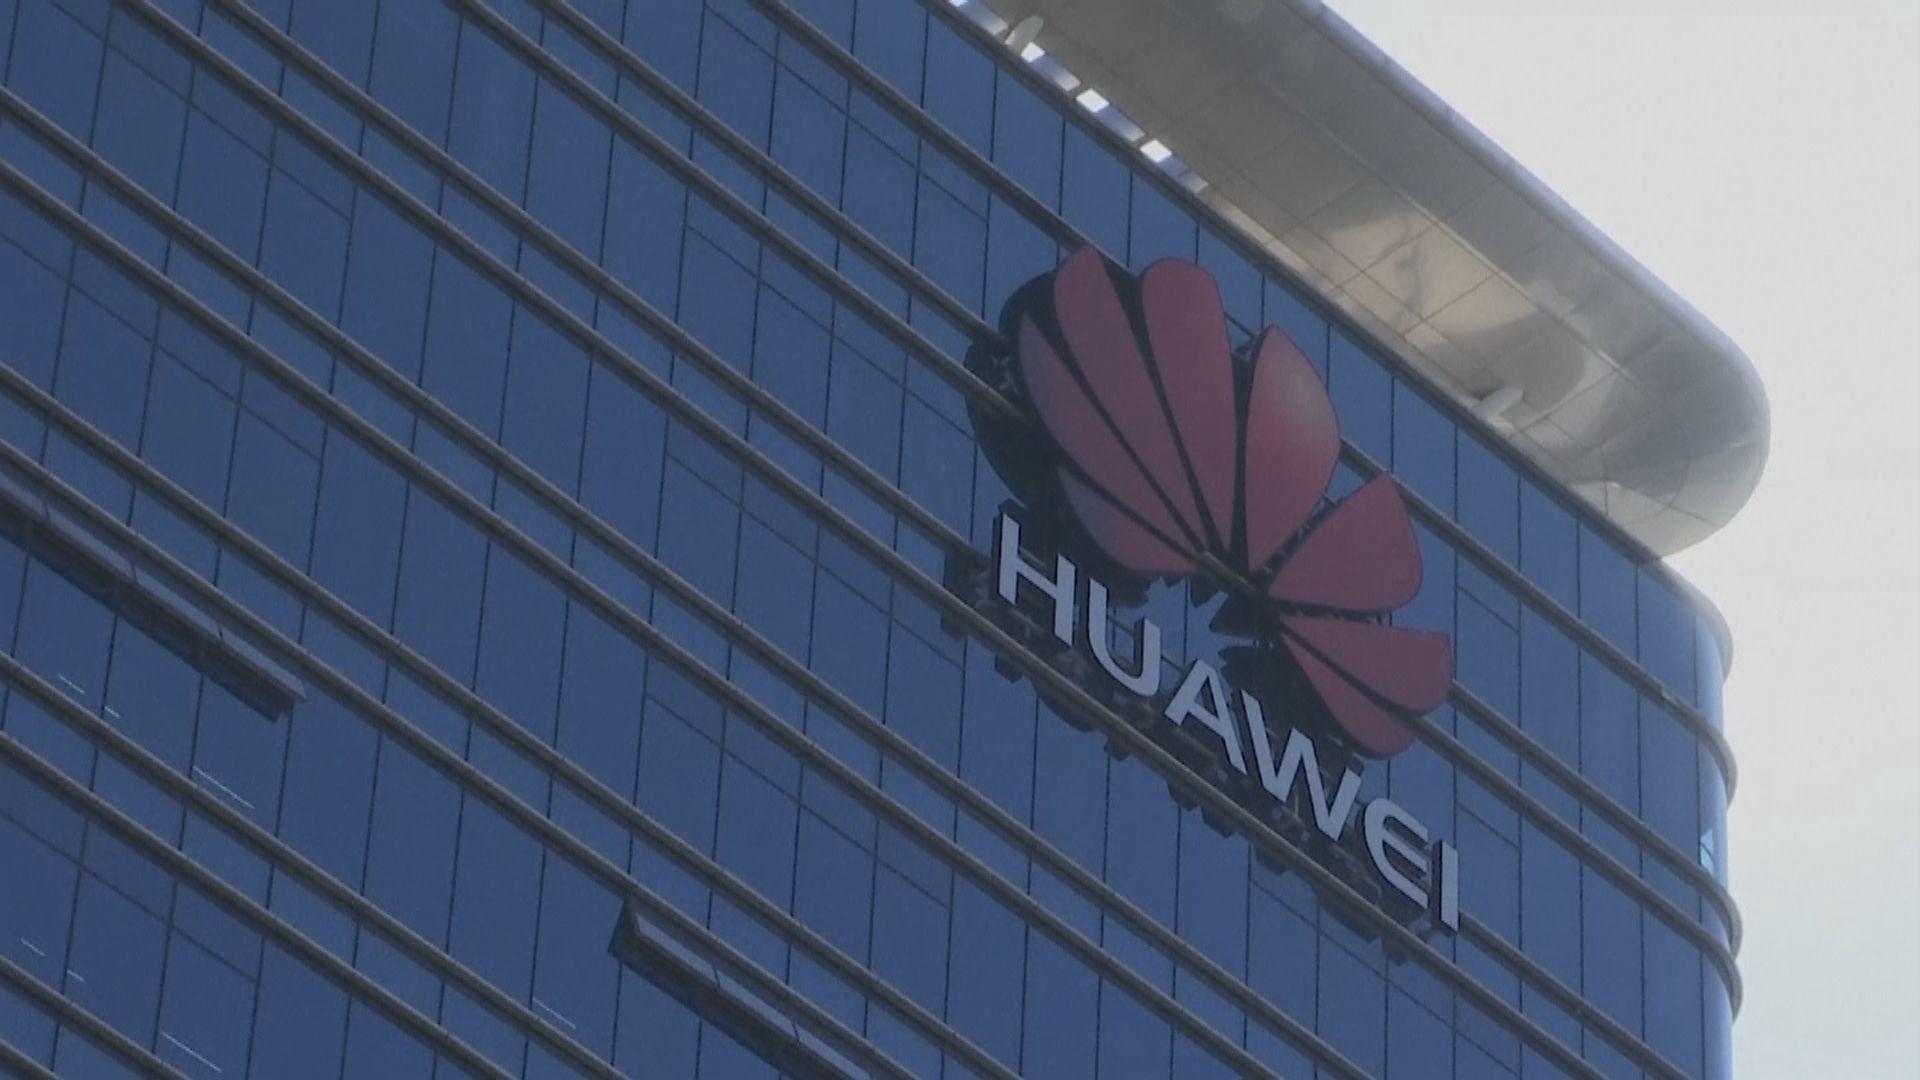 英國報告指或需提早於5G網絡排除華為設備